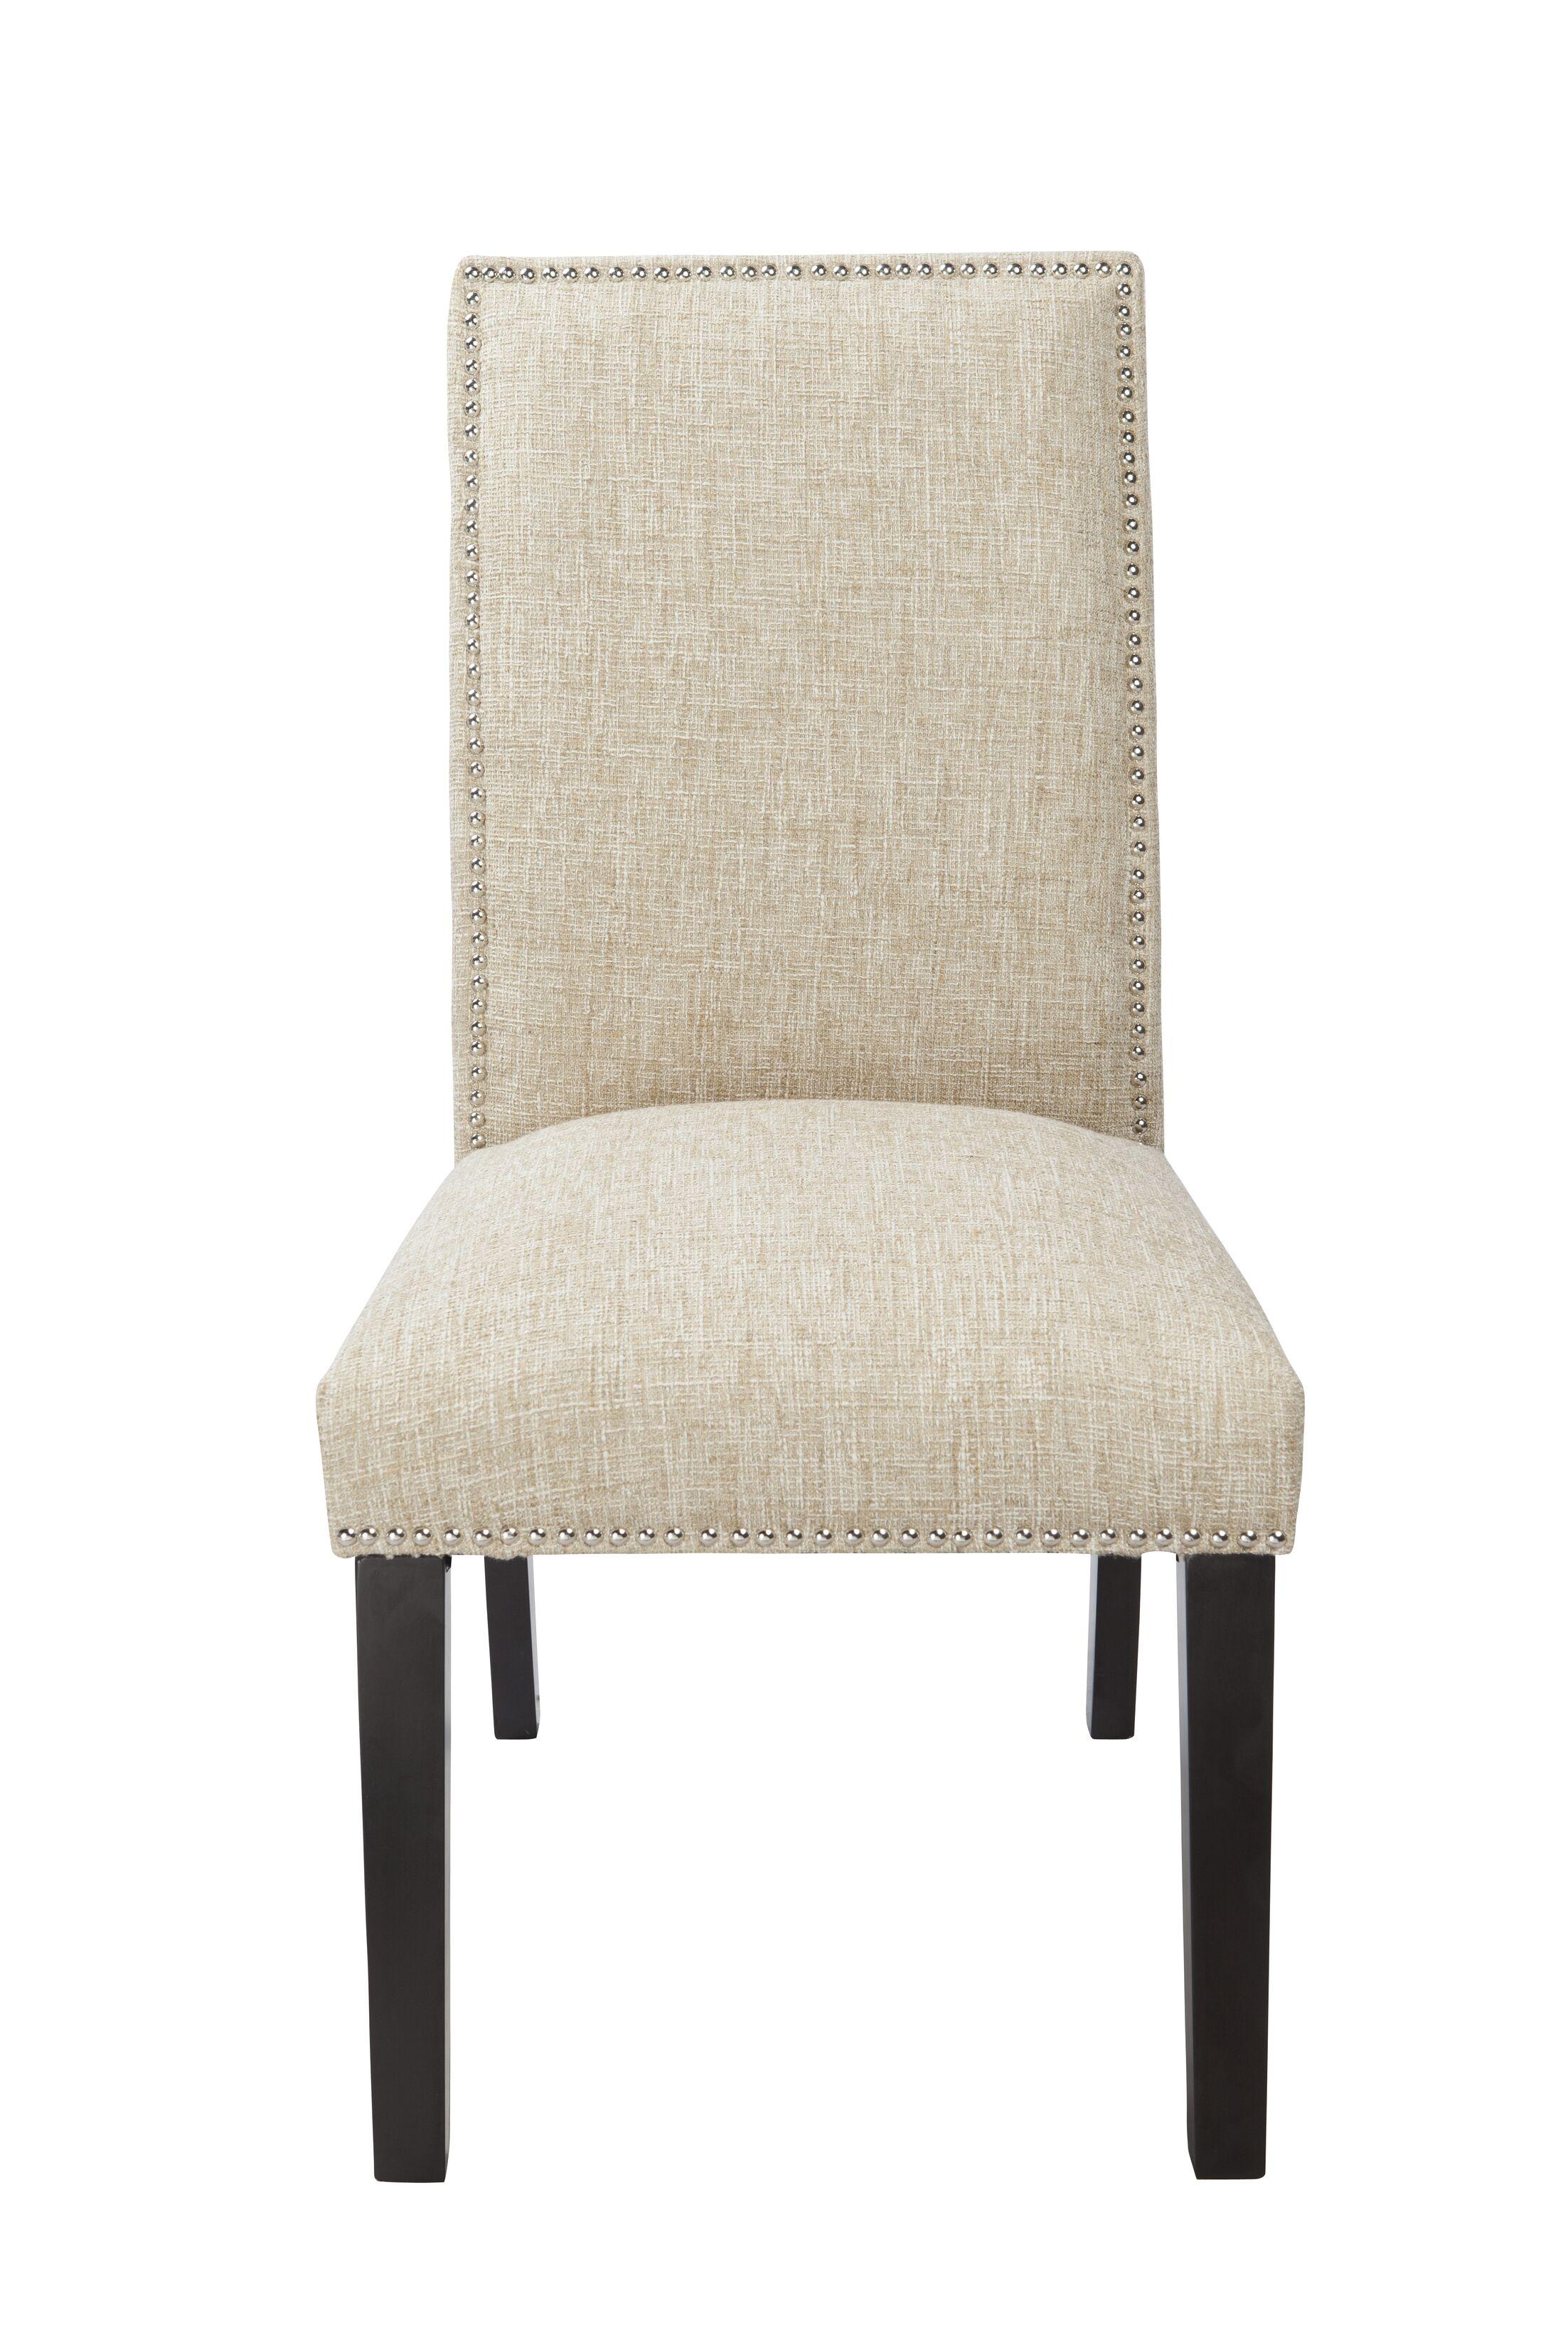 Burnett Parsons Chair